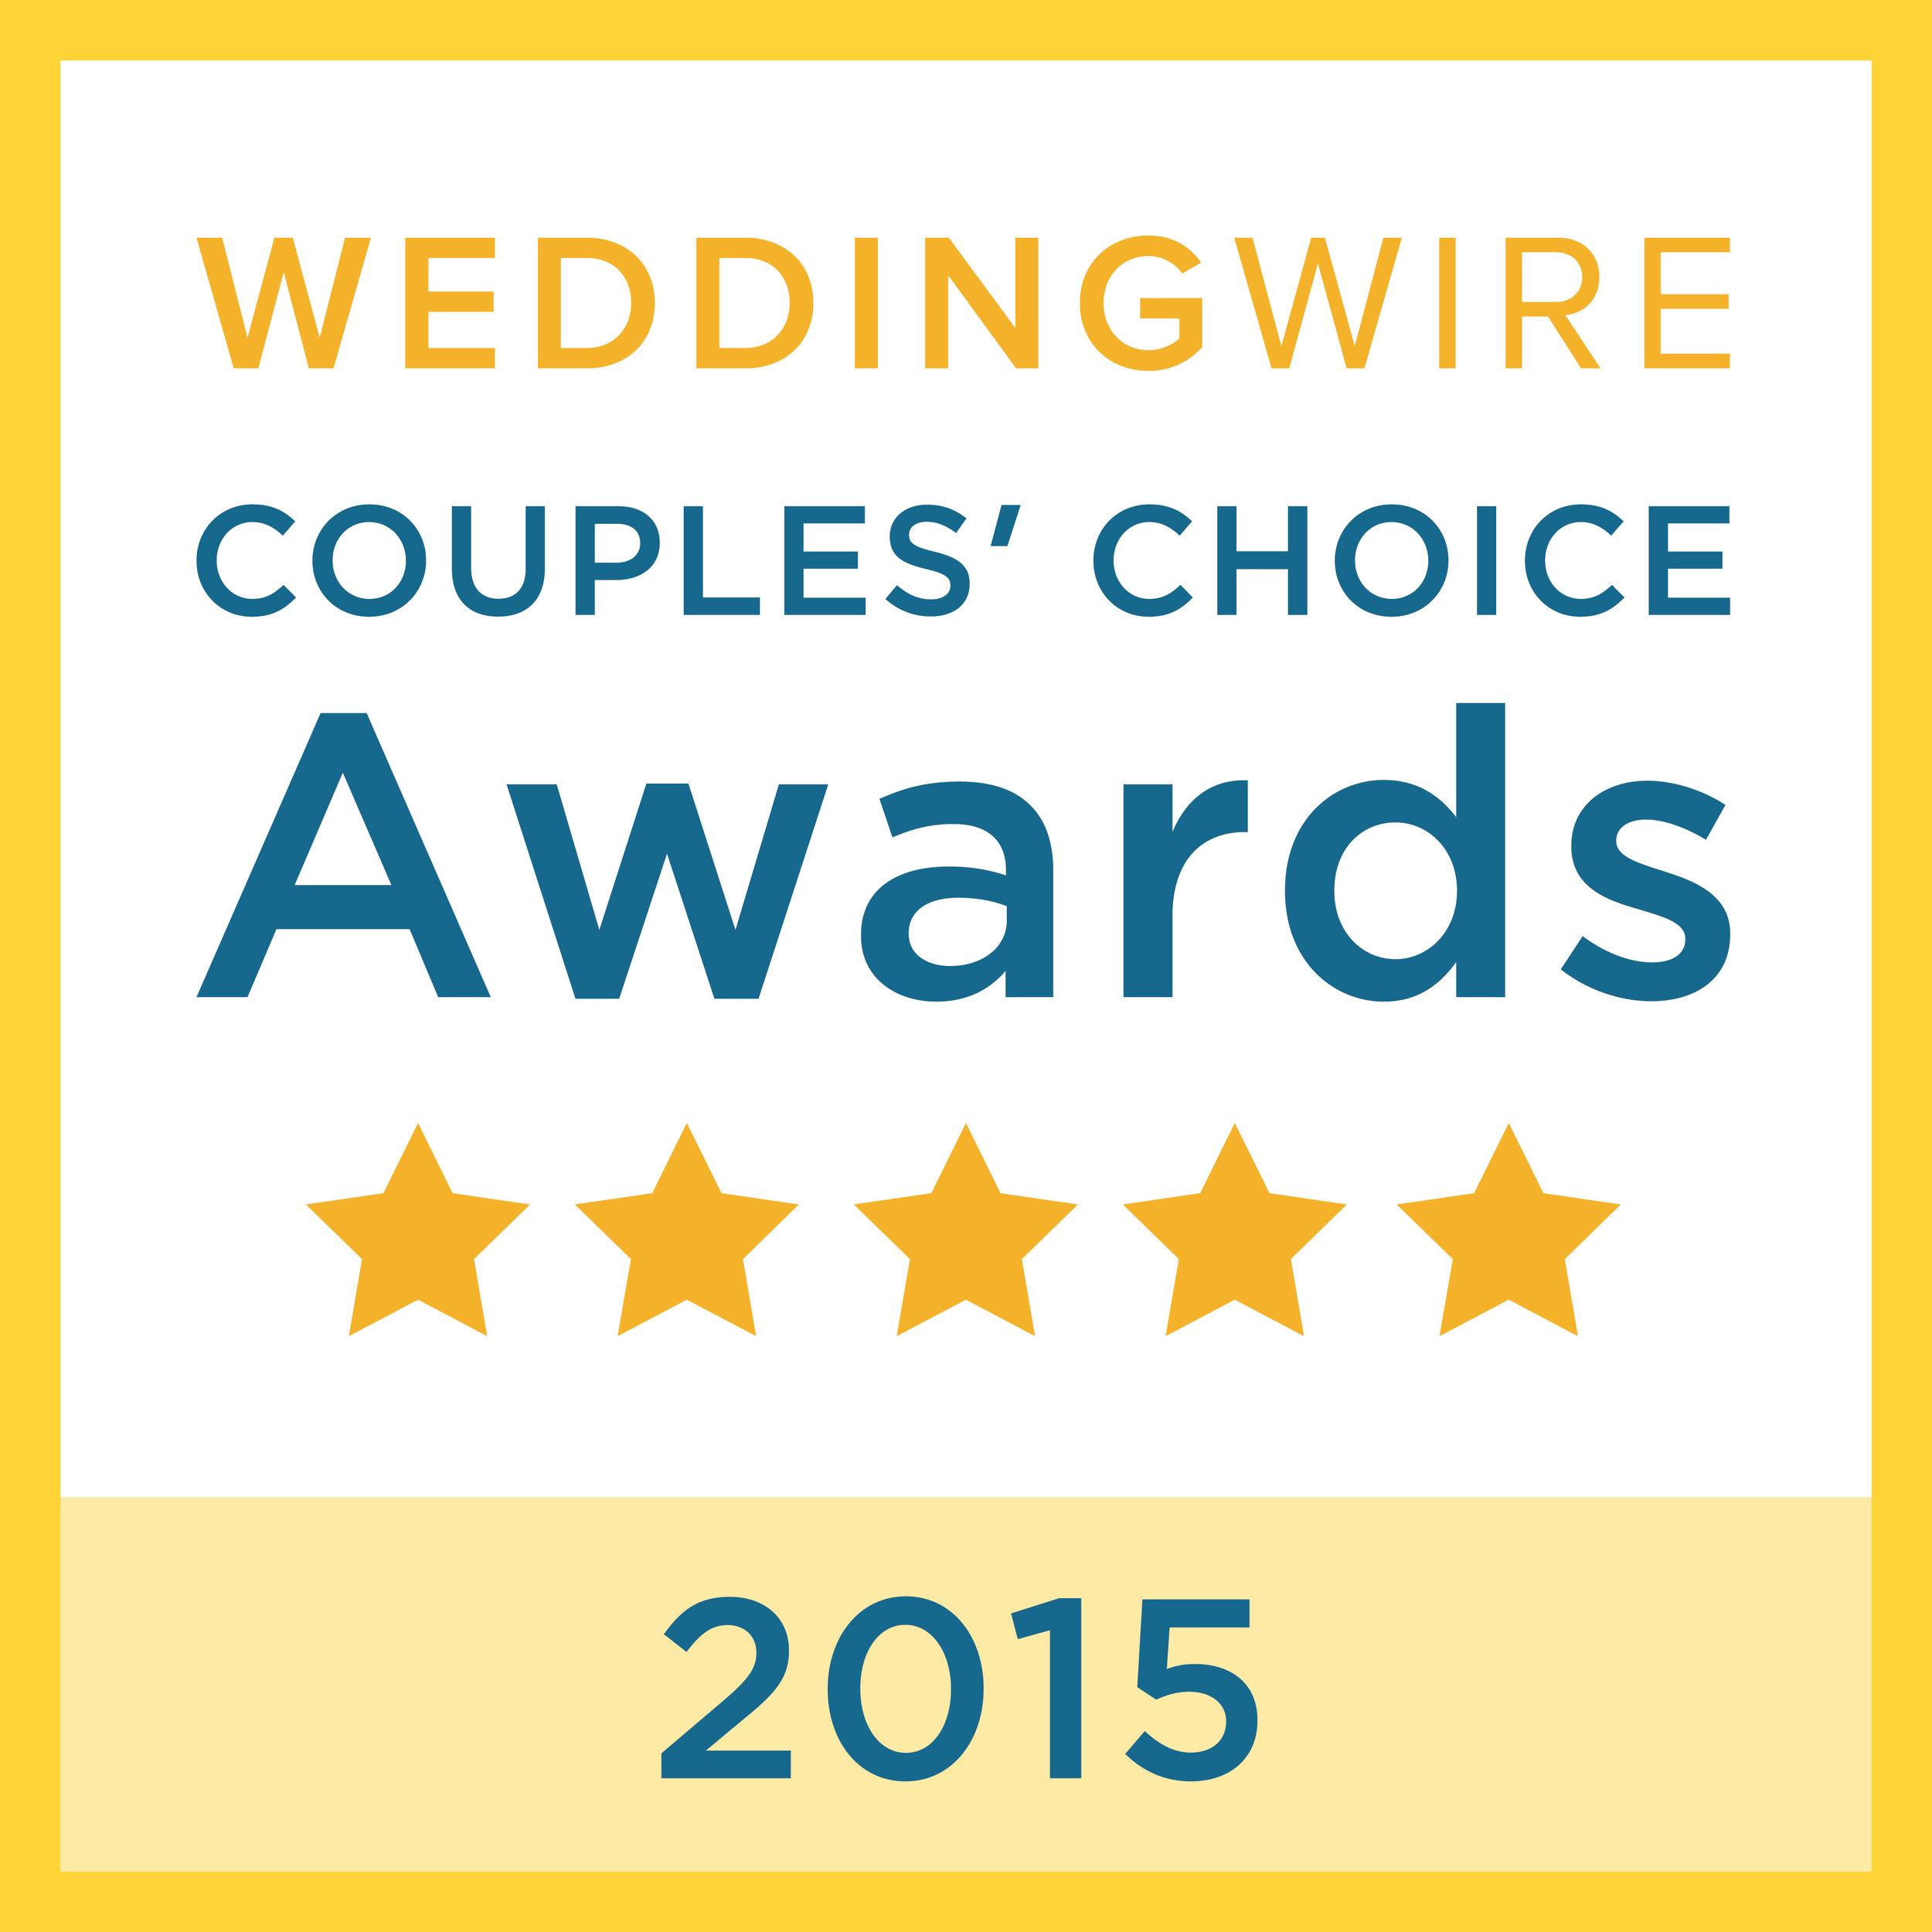 badge-weddingawards_en_US-6.jpg